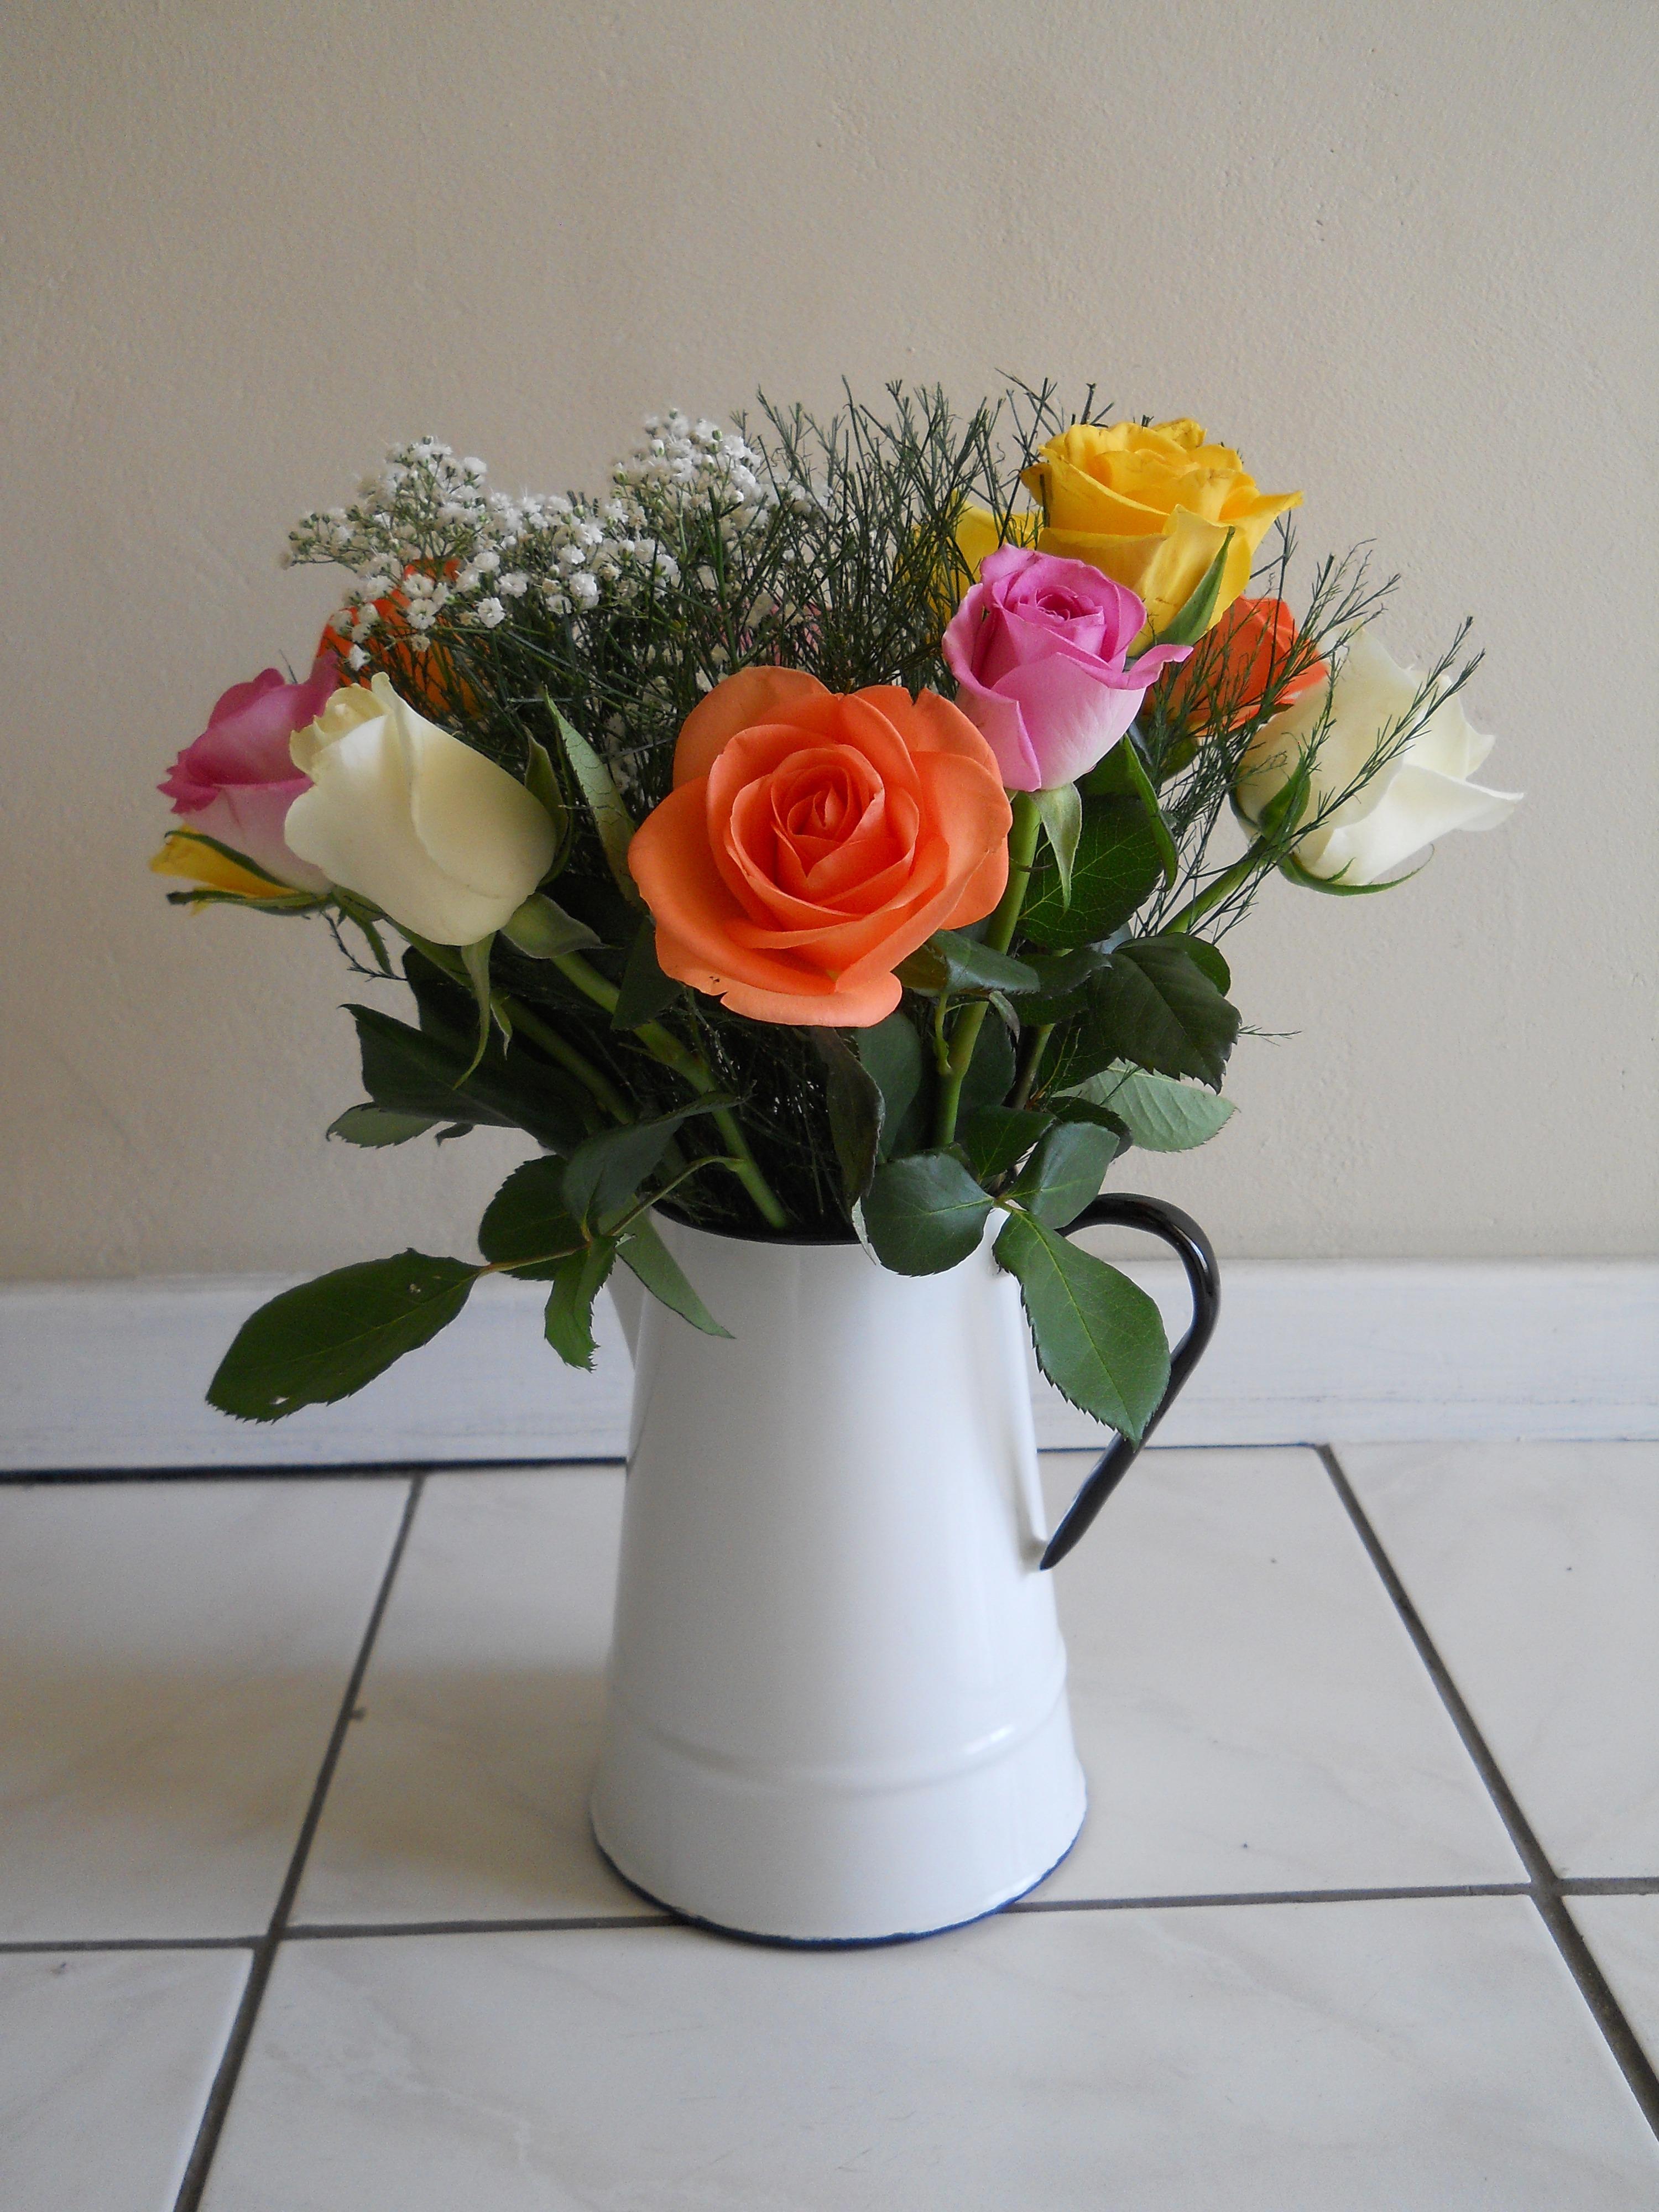 маленькие букеты цветов фото дома